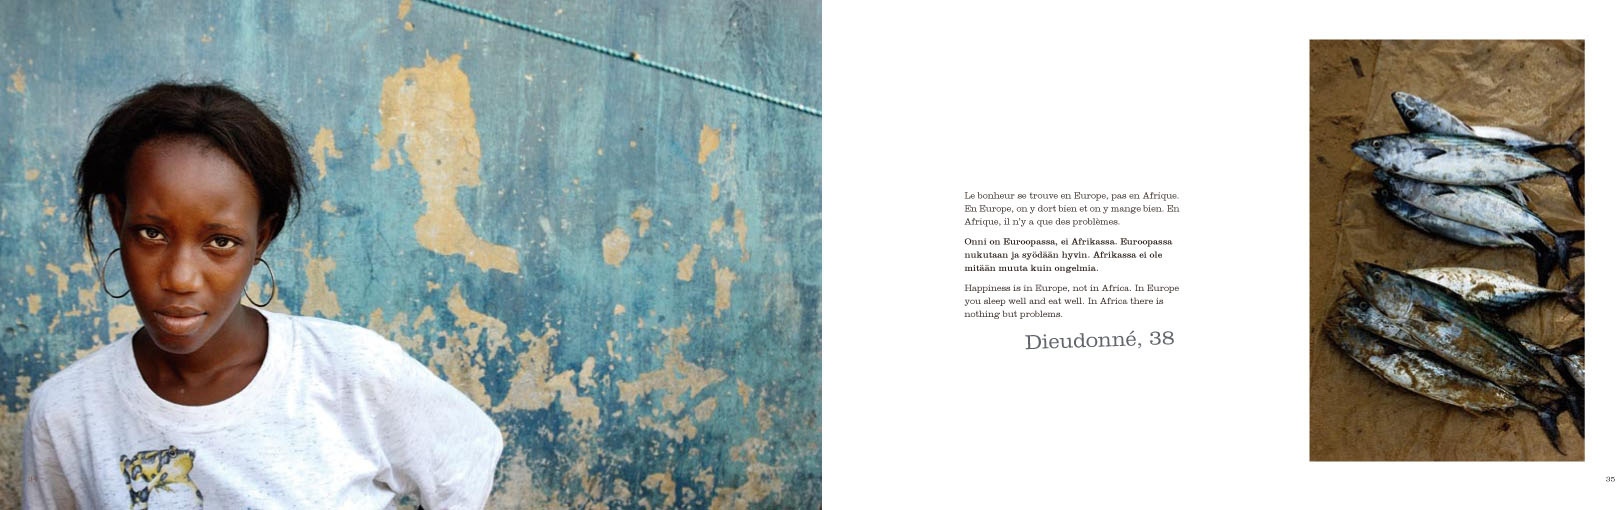 emoriya_molende_book_p-18.jpg